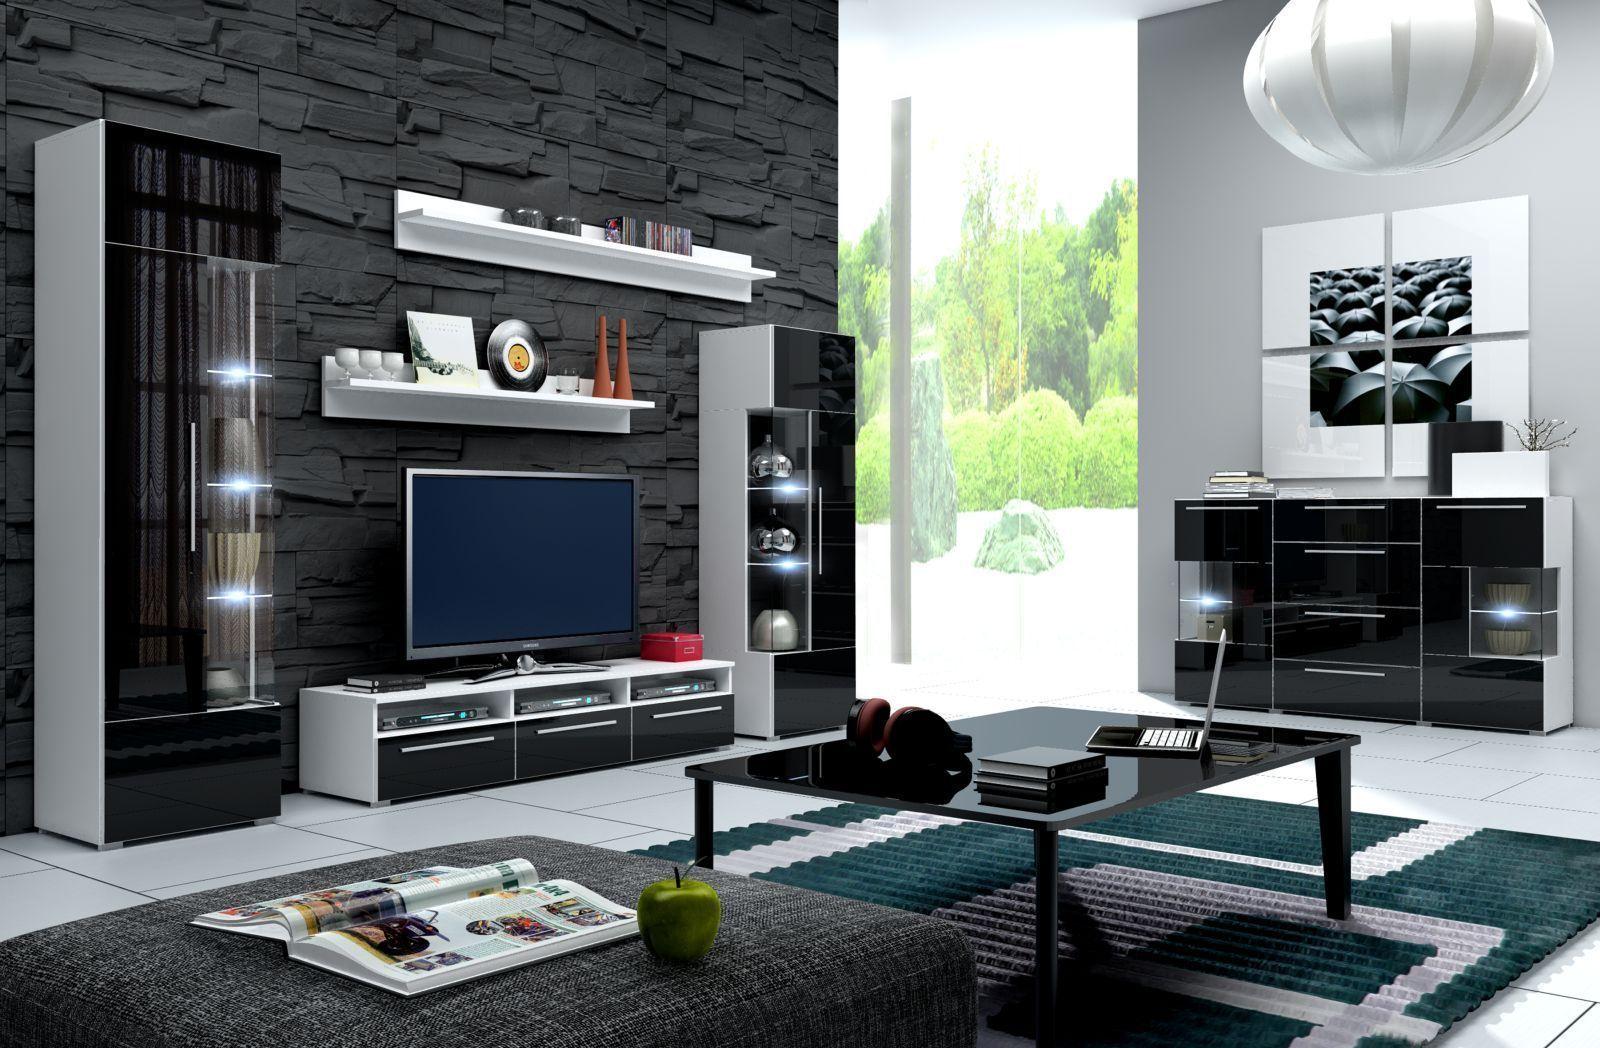 Einfach Wohnwand Cube Bestand An Wohndesign Dekor